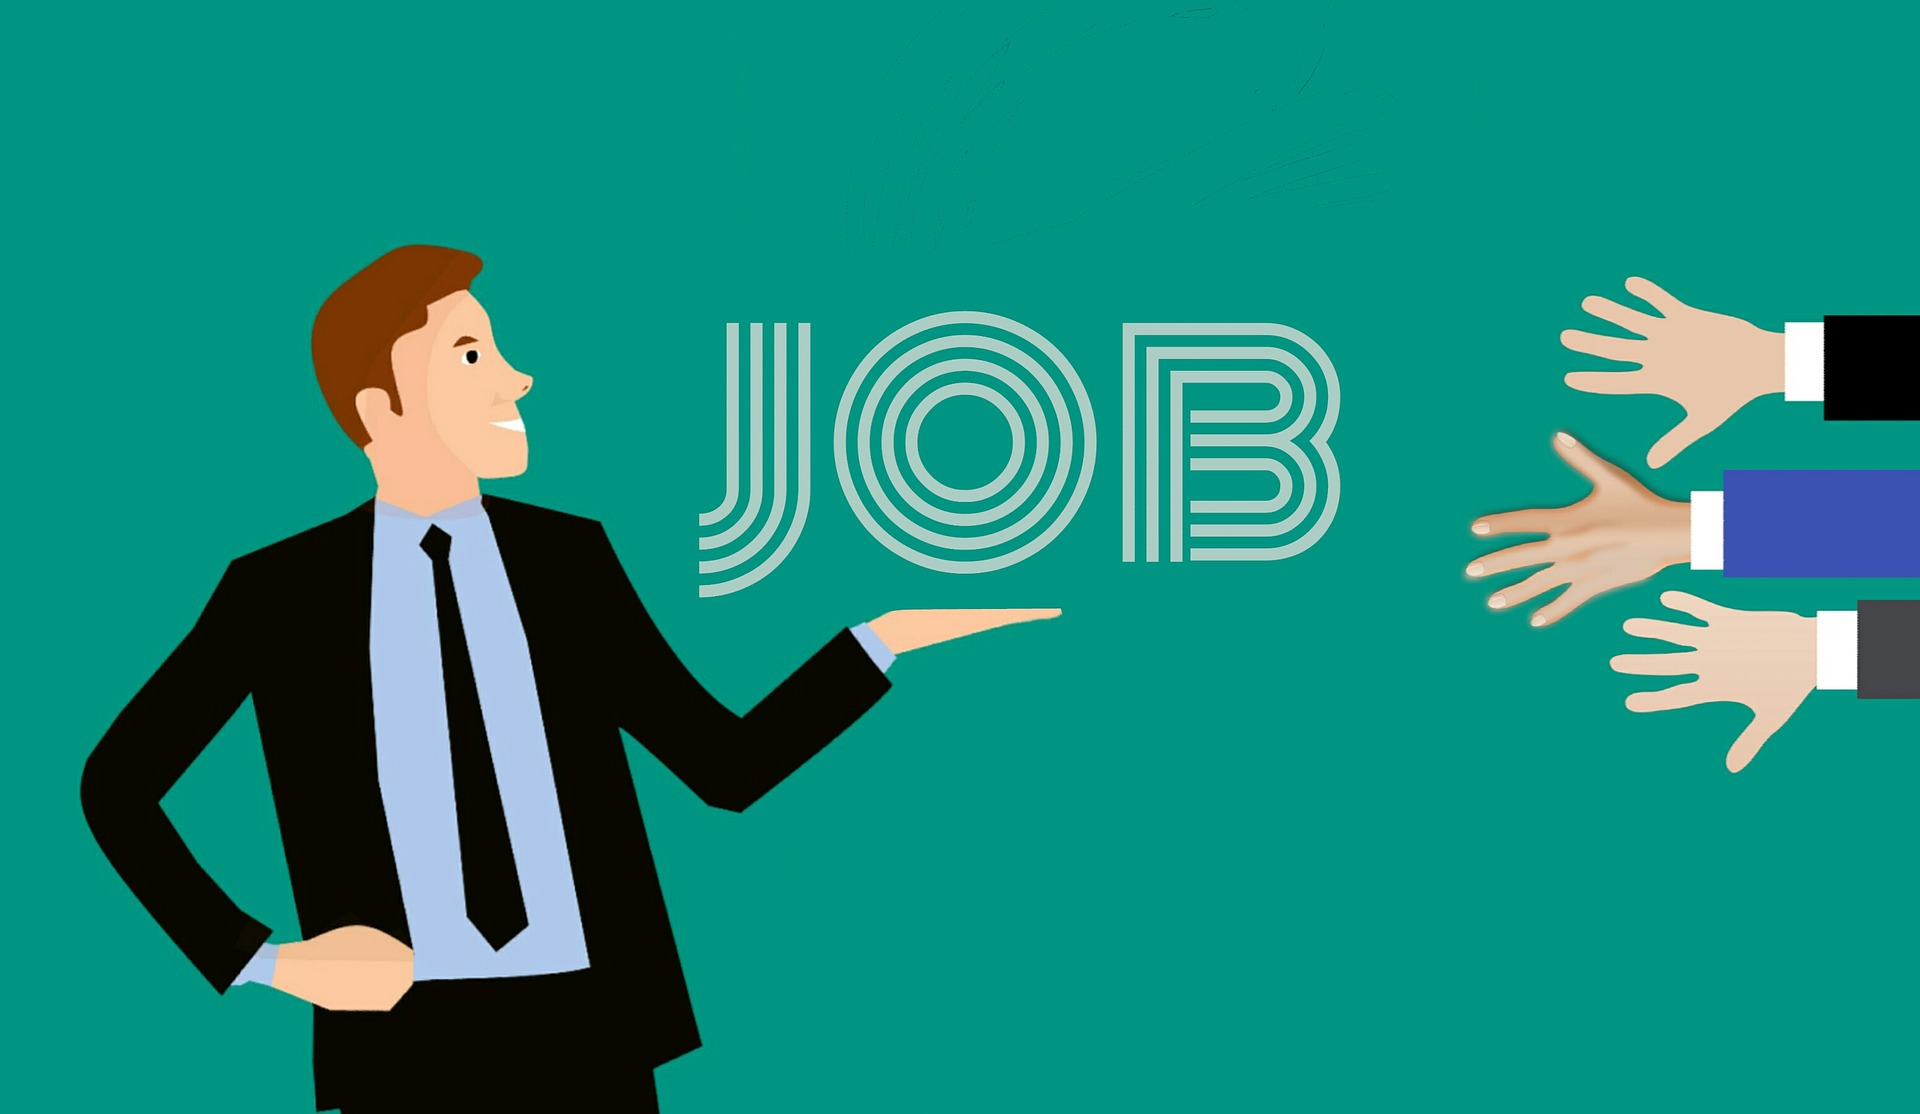 پردرآمدترین شغل های جهان؛ ۲۰ شغل با بیشترین درآمد در دنیا